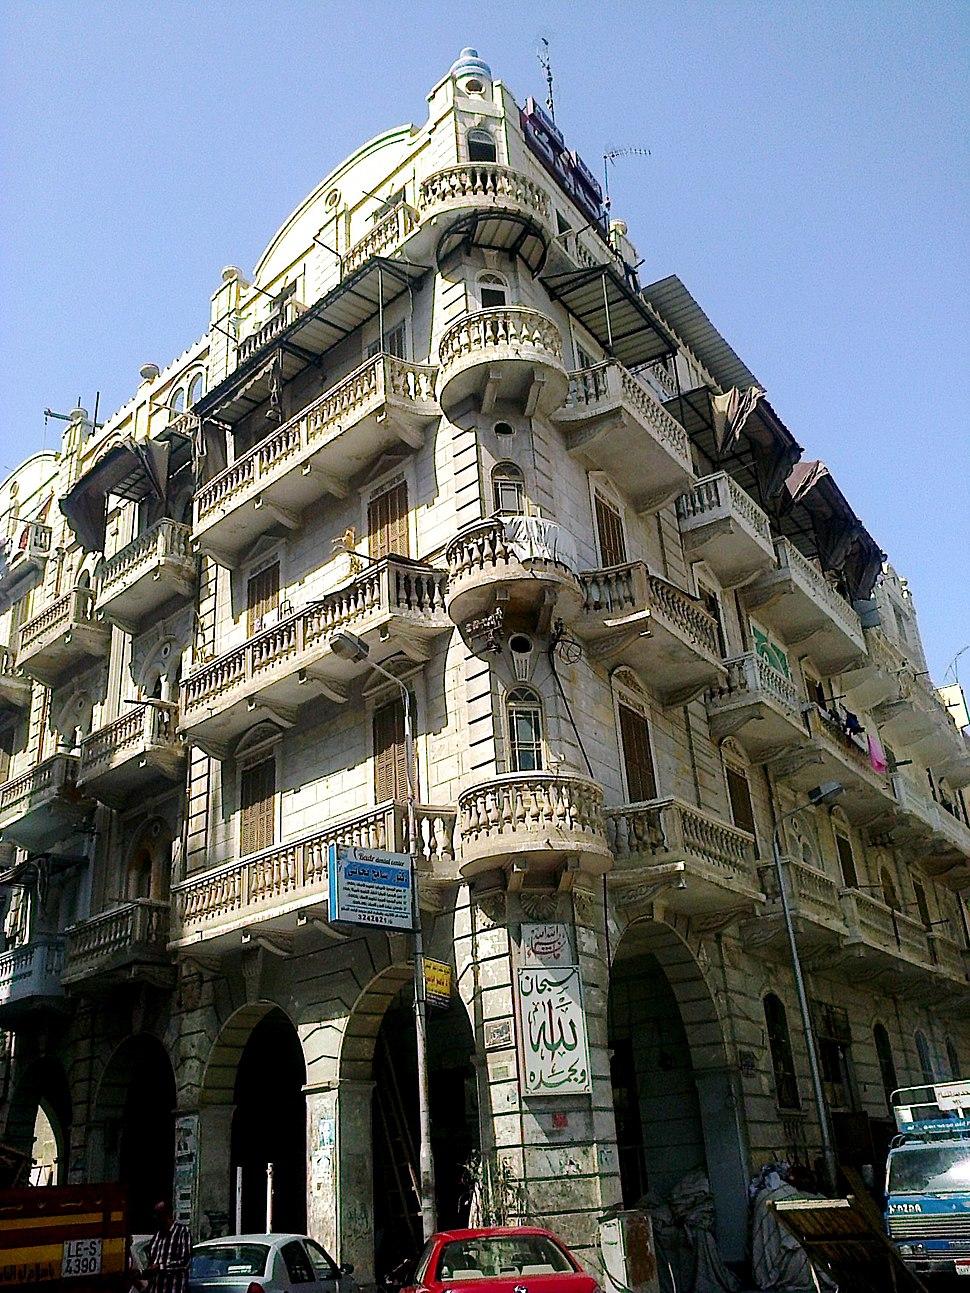 عمارات بورسعيد - شارع أوجينى وشربين